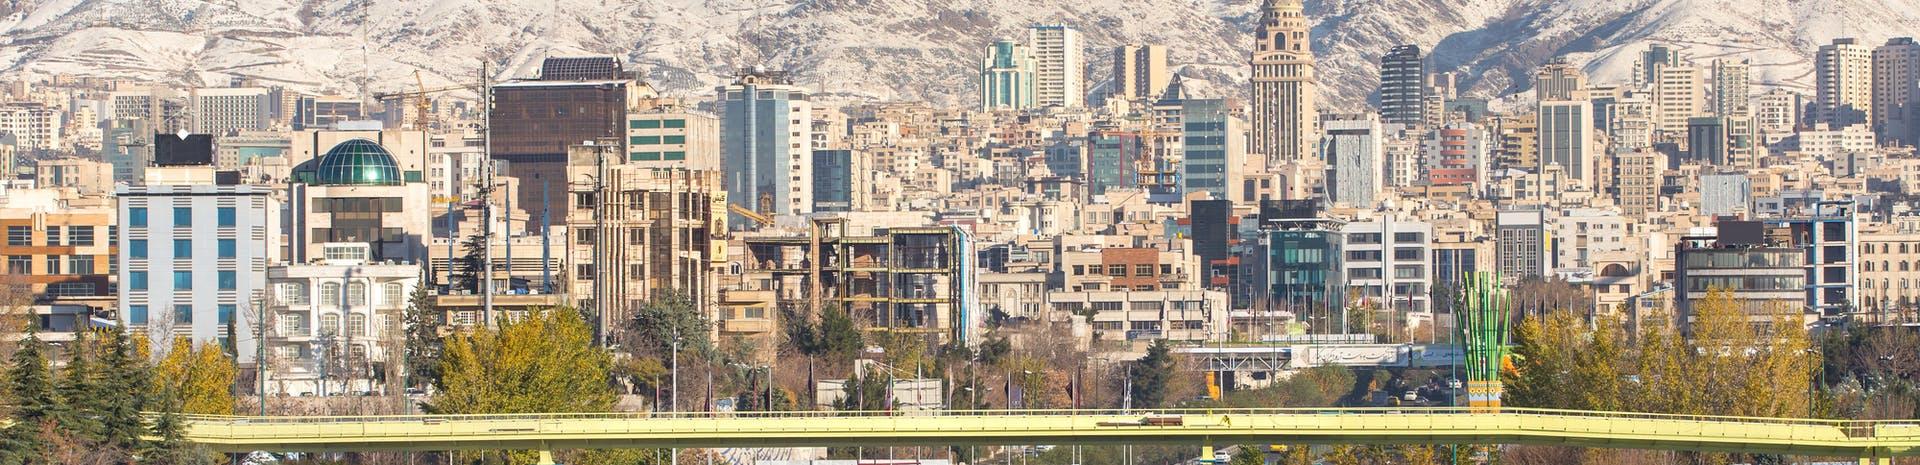 Picture of Mashhad